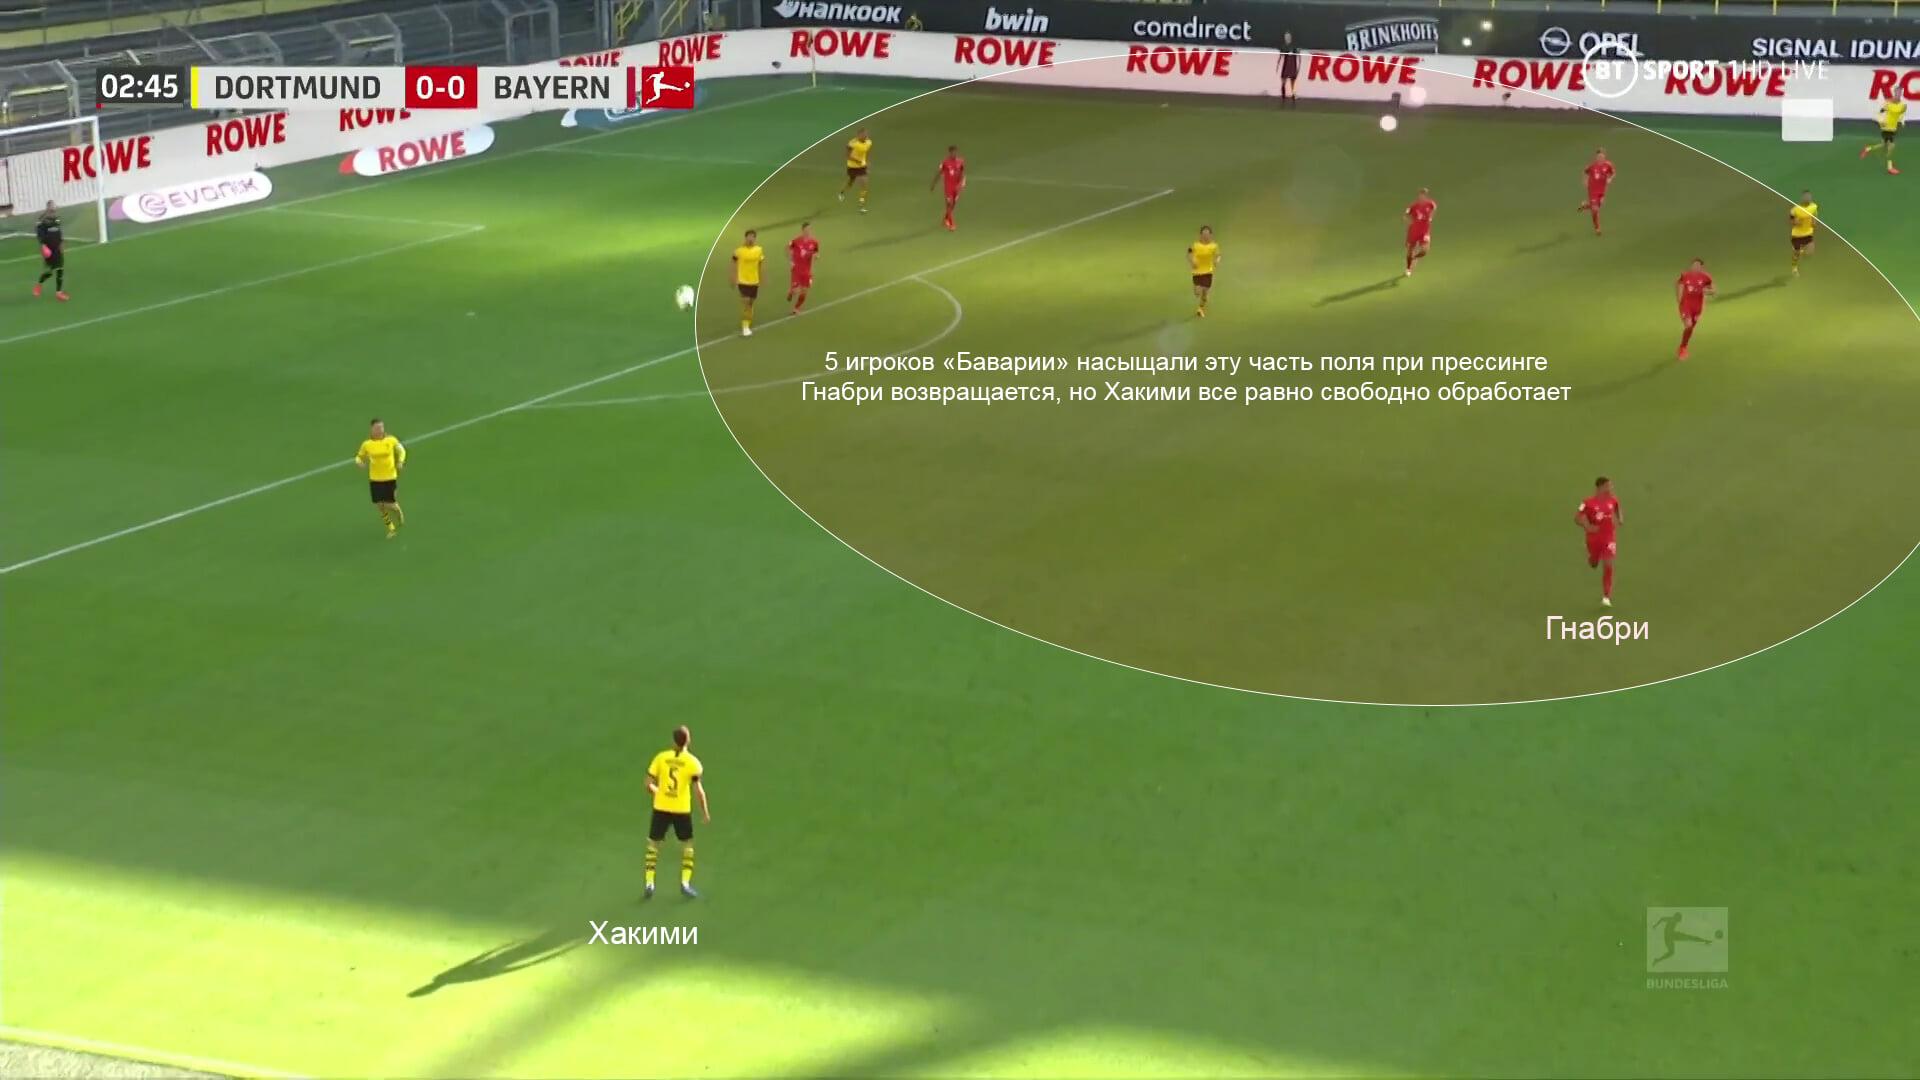 Бавария боруссия д 1- 1 тактическая схема